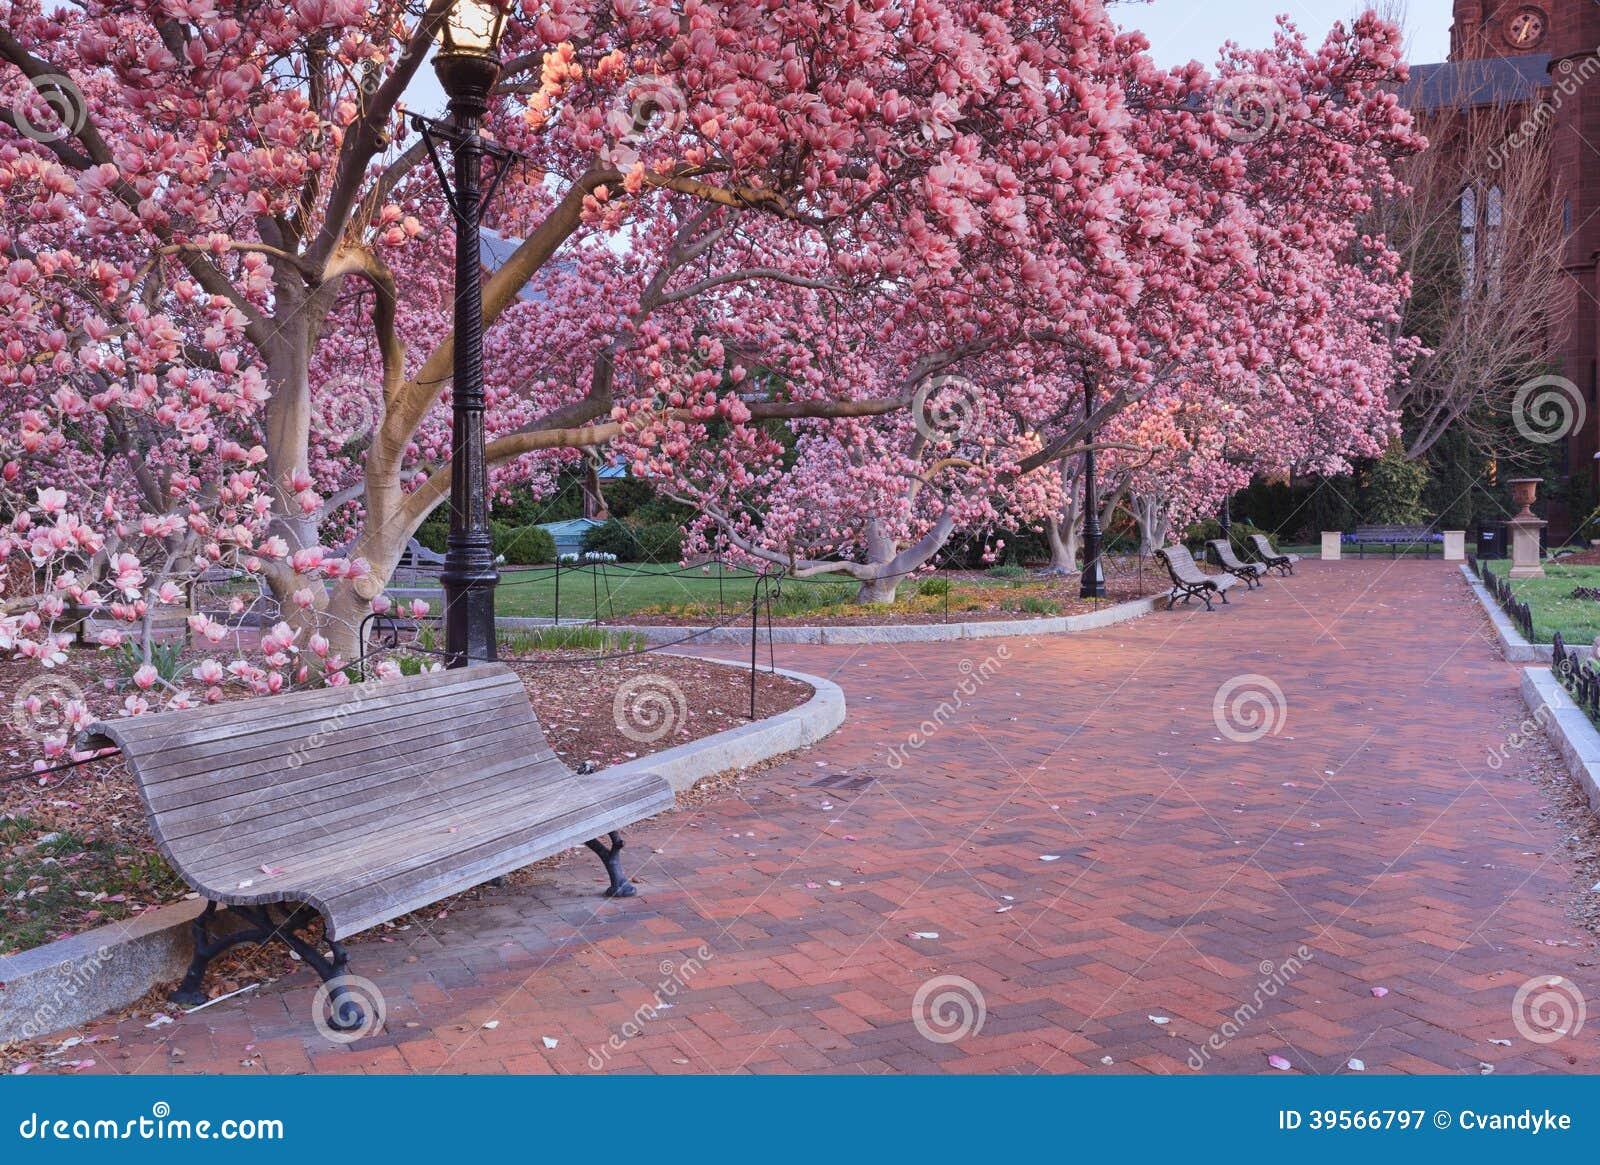 de parque conduz através de um jardim de árvores corderosa de